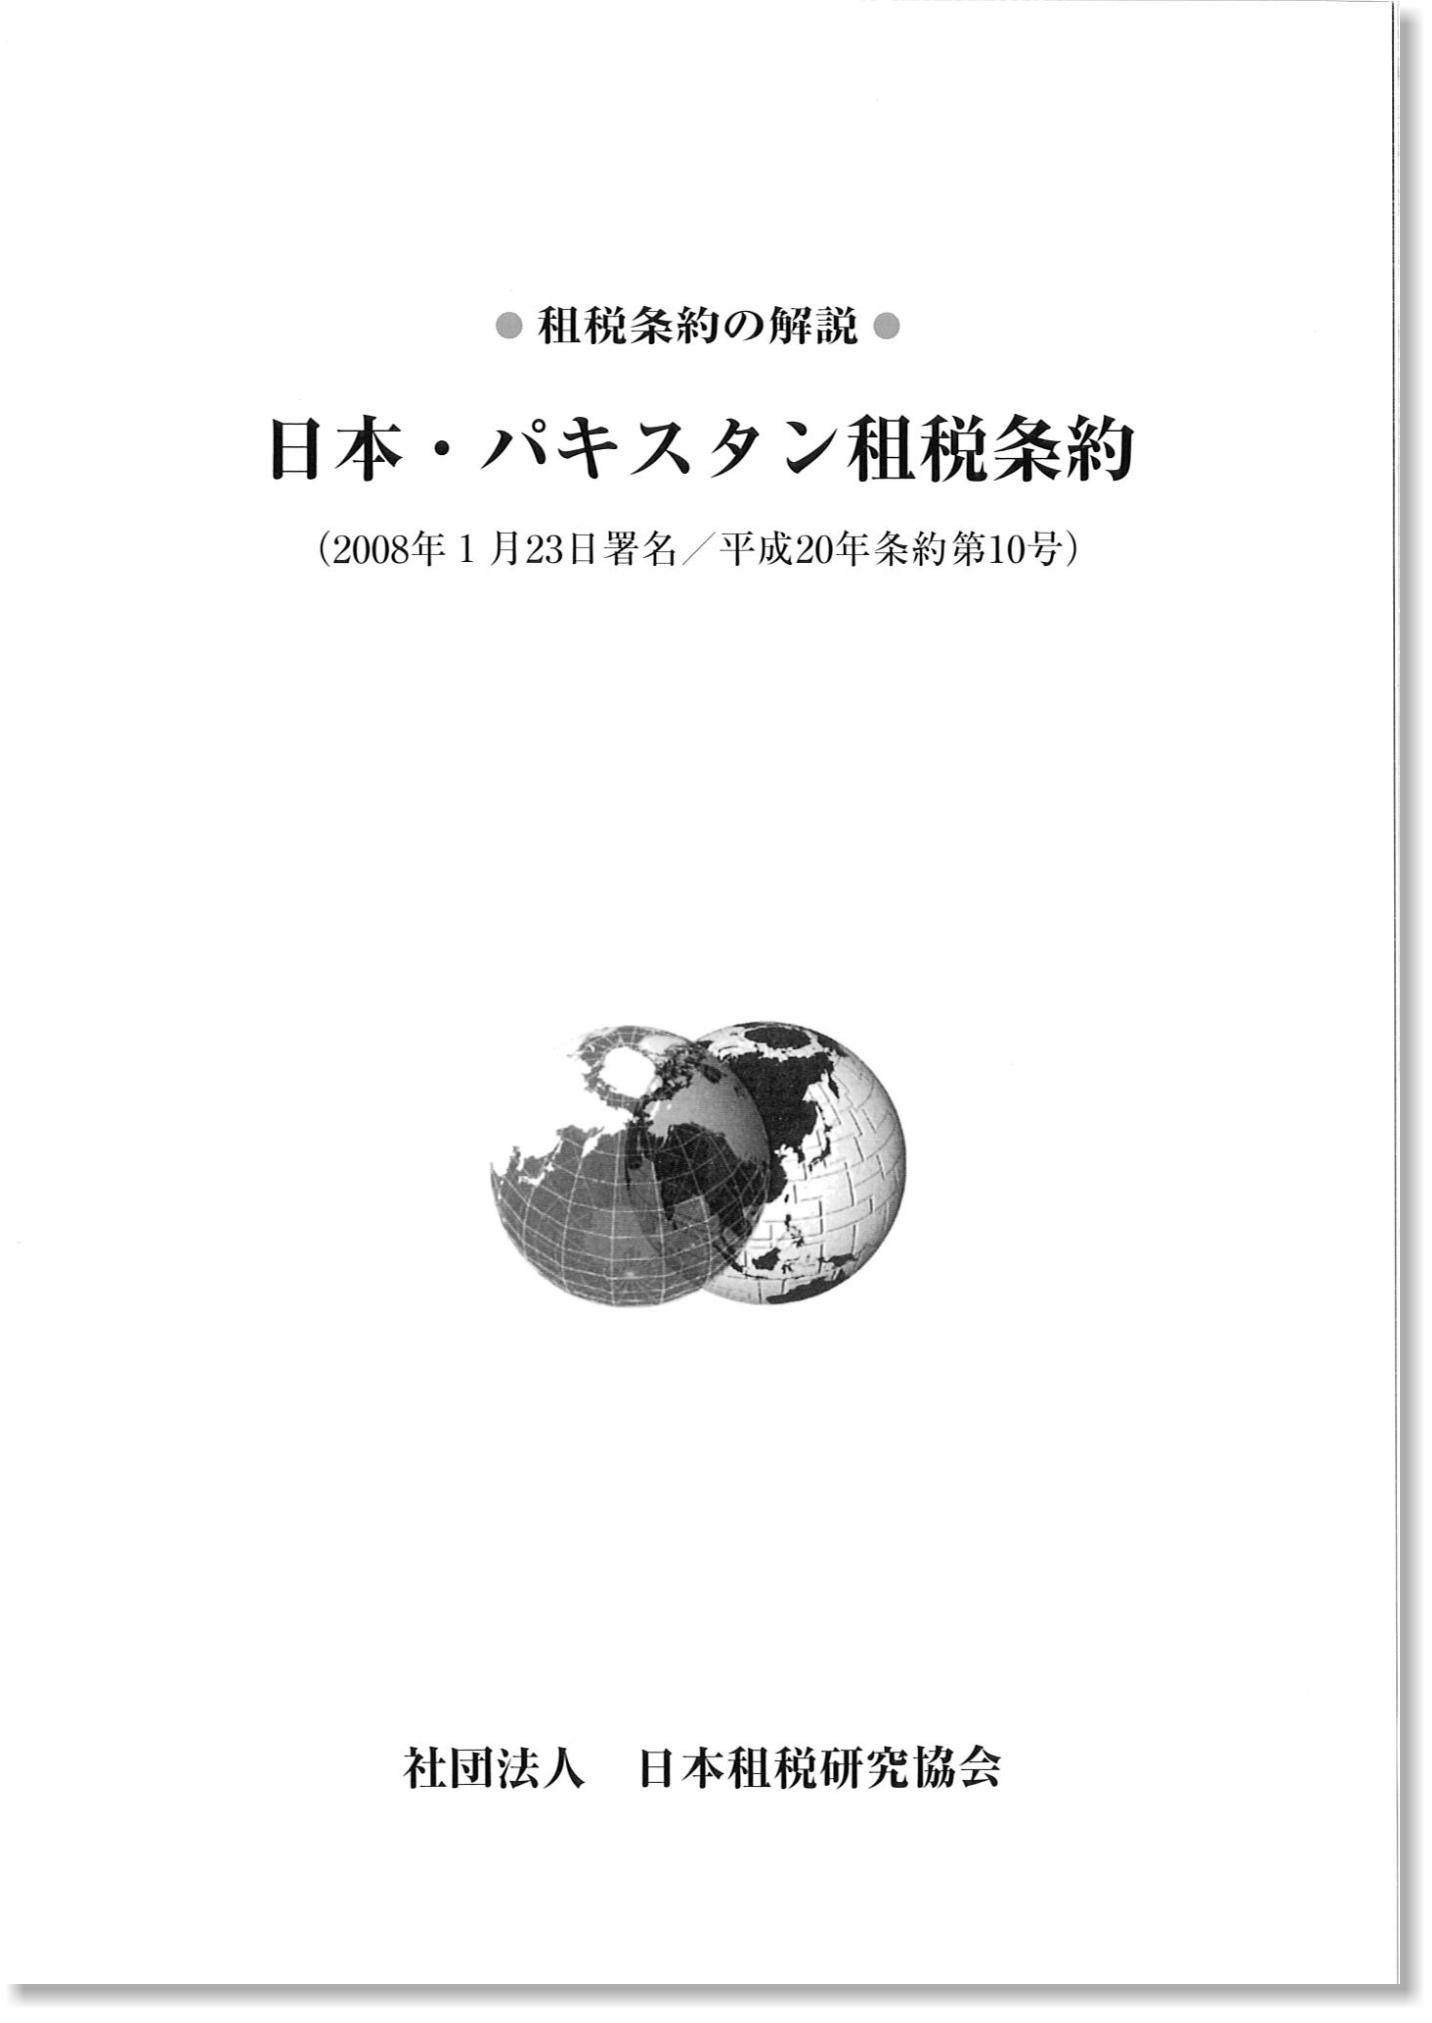 租税条約の解説-日本・パキスタン租税条約